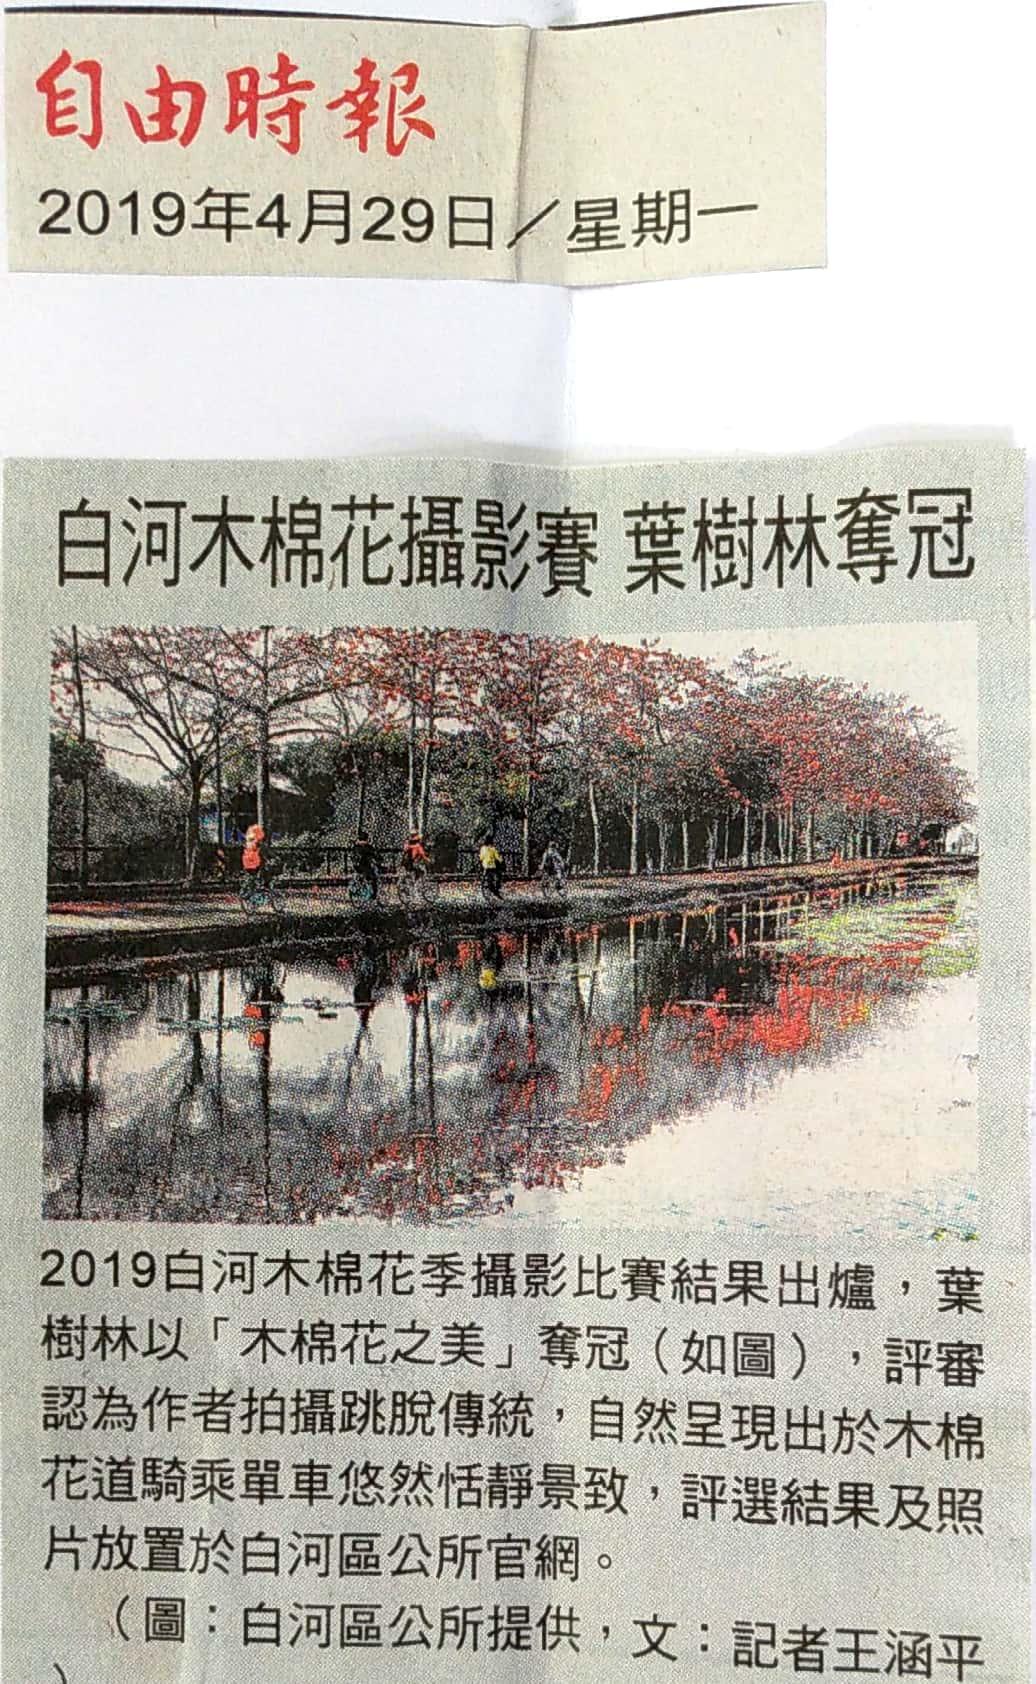 木棉花季攝影比賽結果揭曉報導